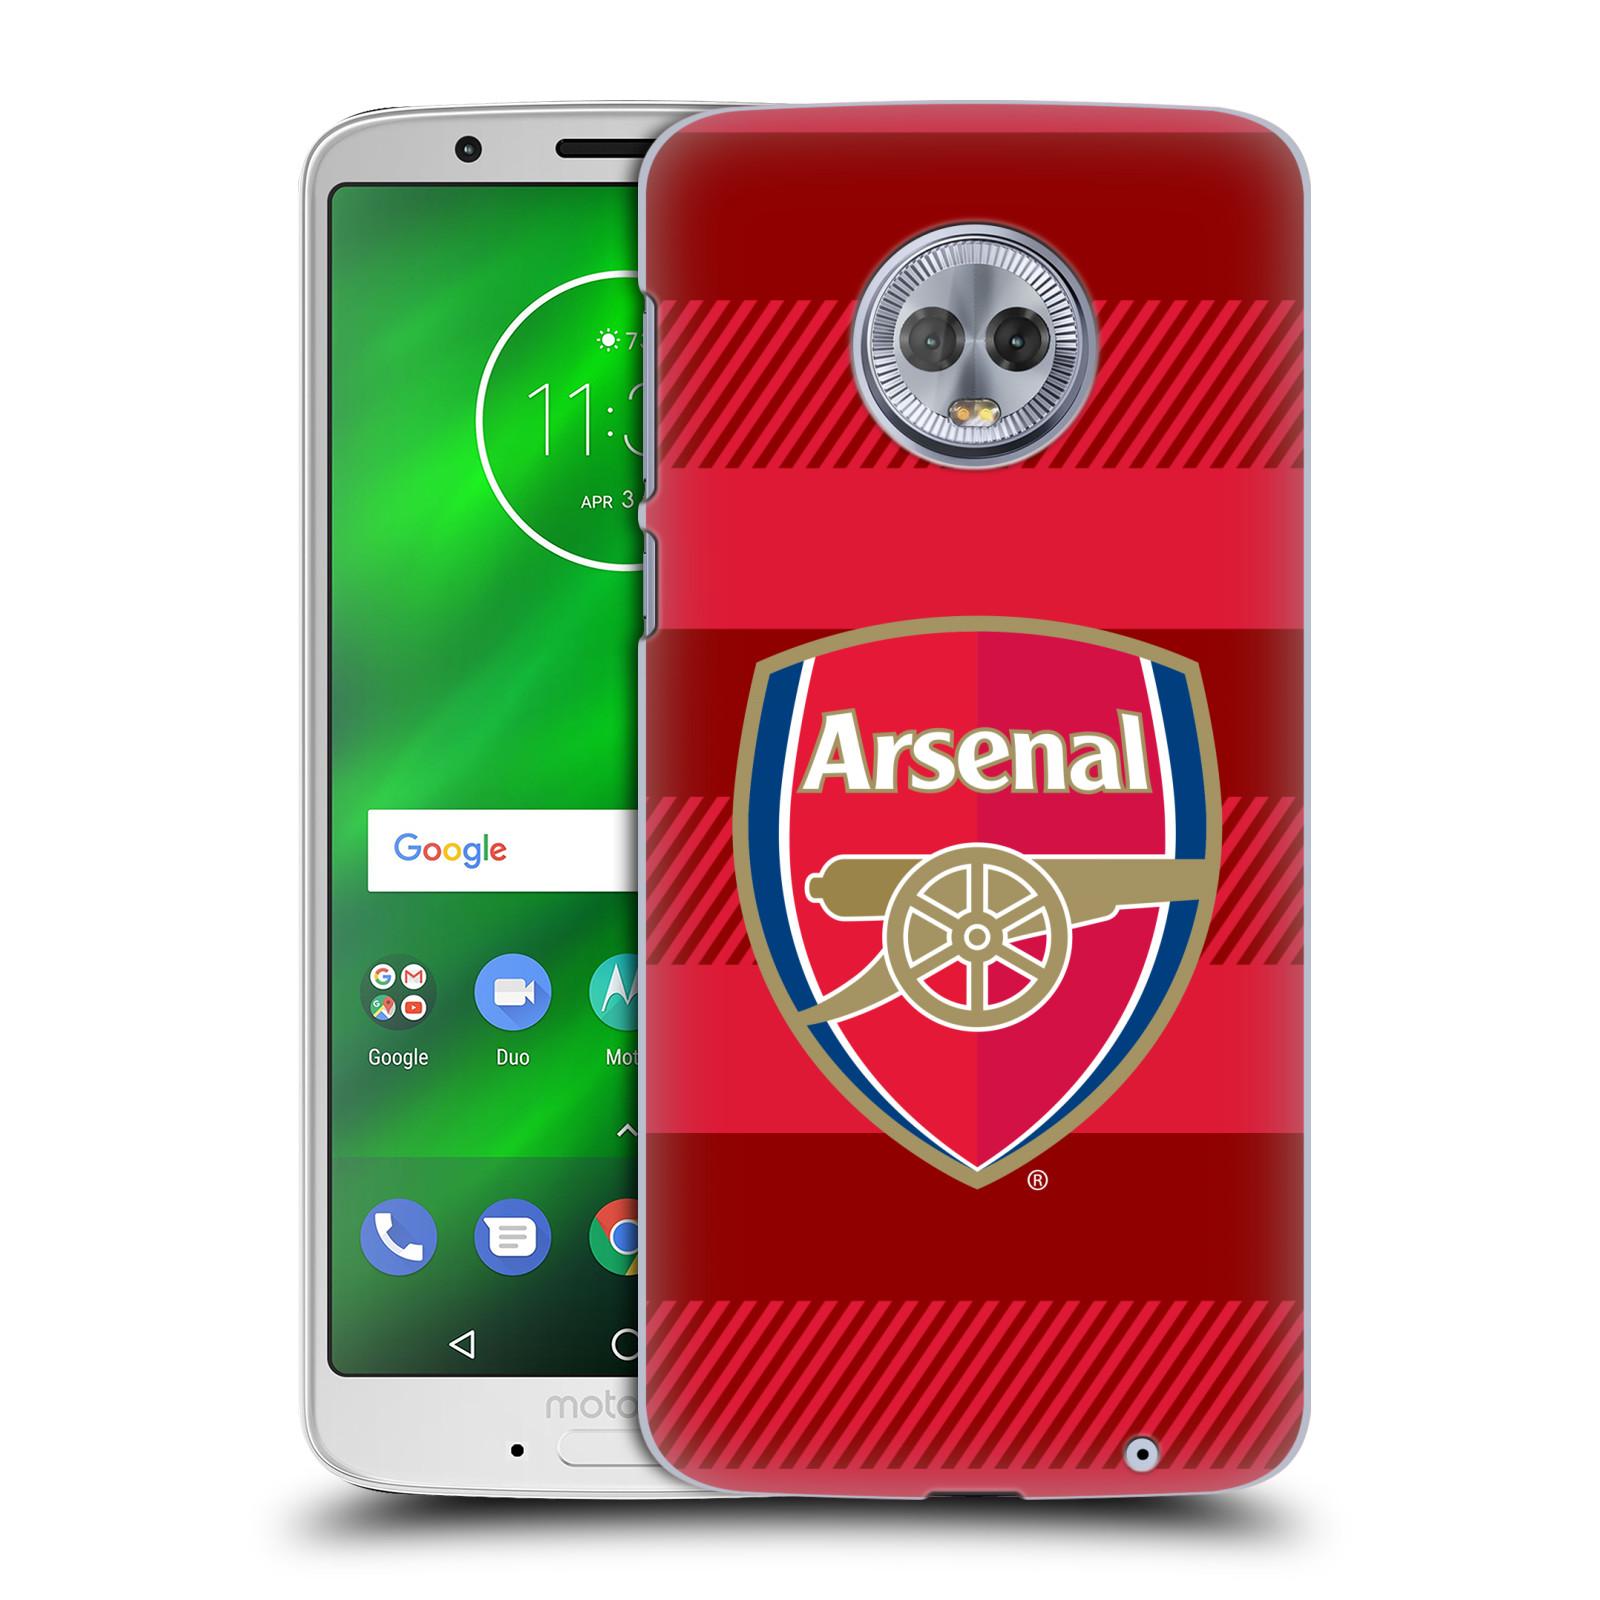 Plastové pouzdro na mobil Motorola Moto G6 Plus - Head Case - Arsenal FC - Logo s pruhy